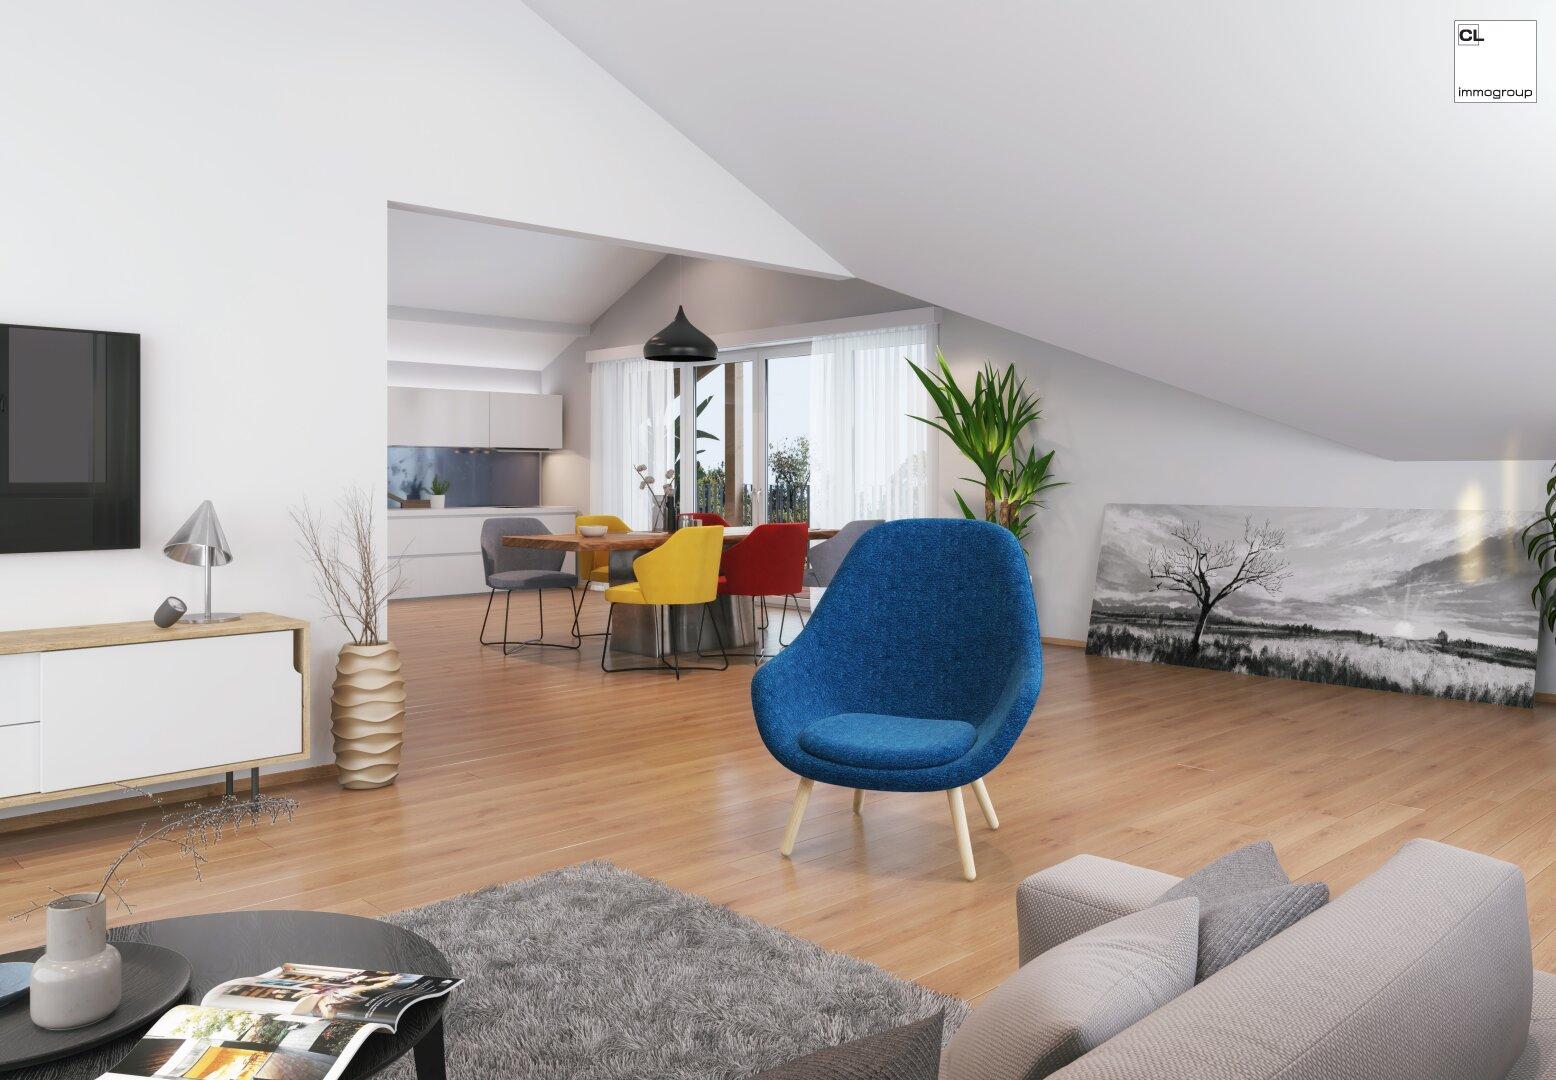 Beispielfoto 2 für eine Einrichtung im Wohn-Essbereich